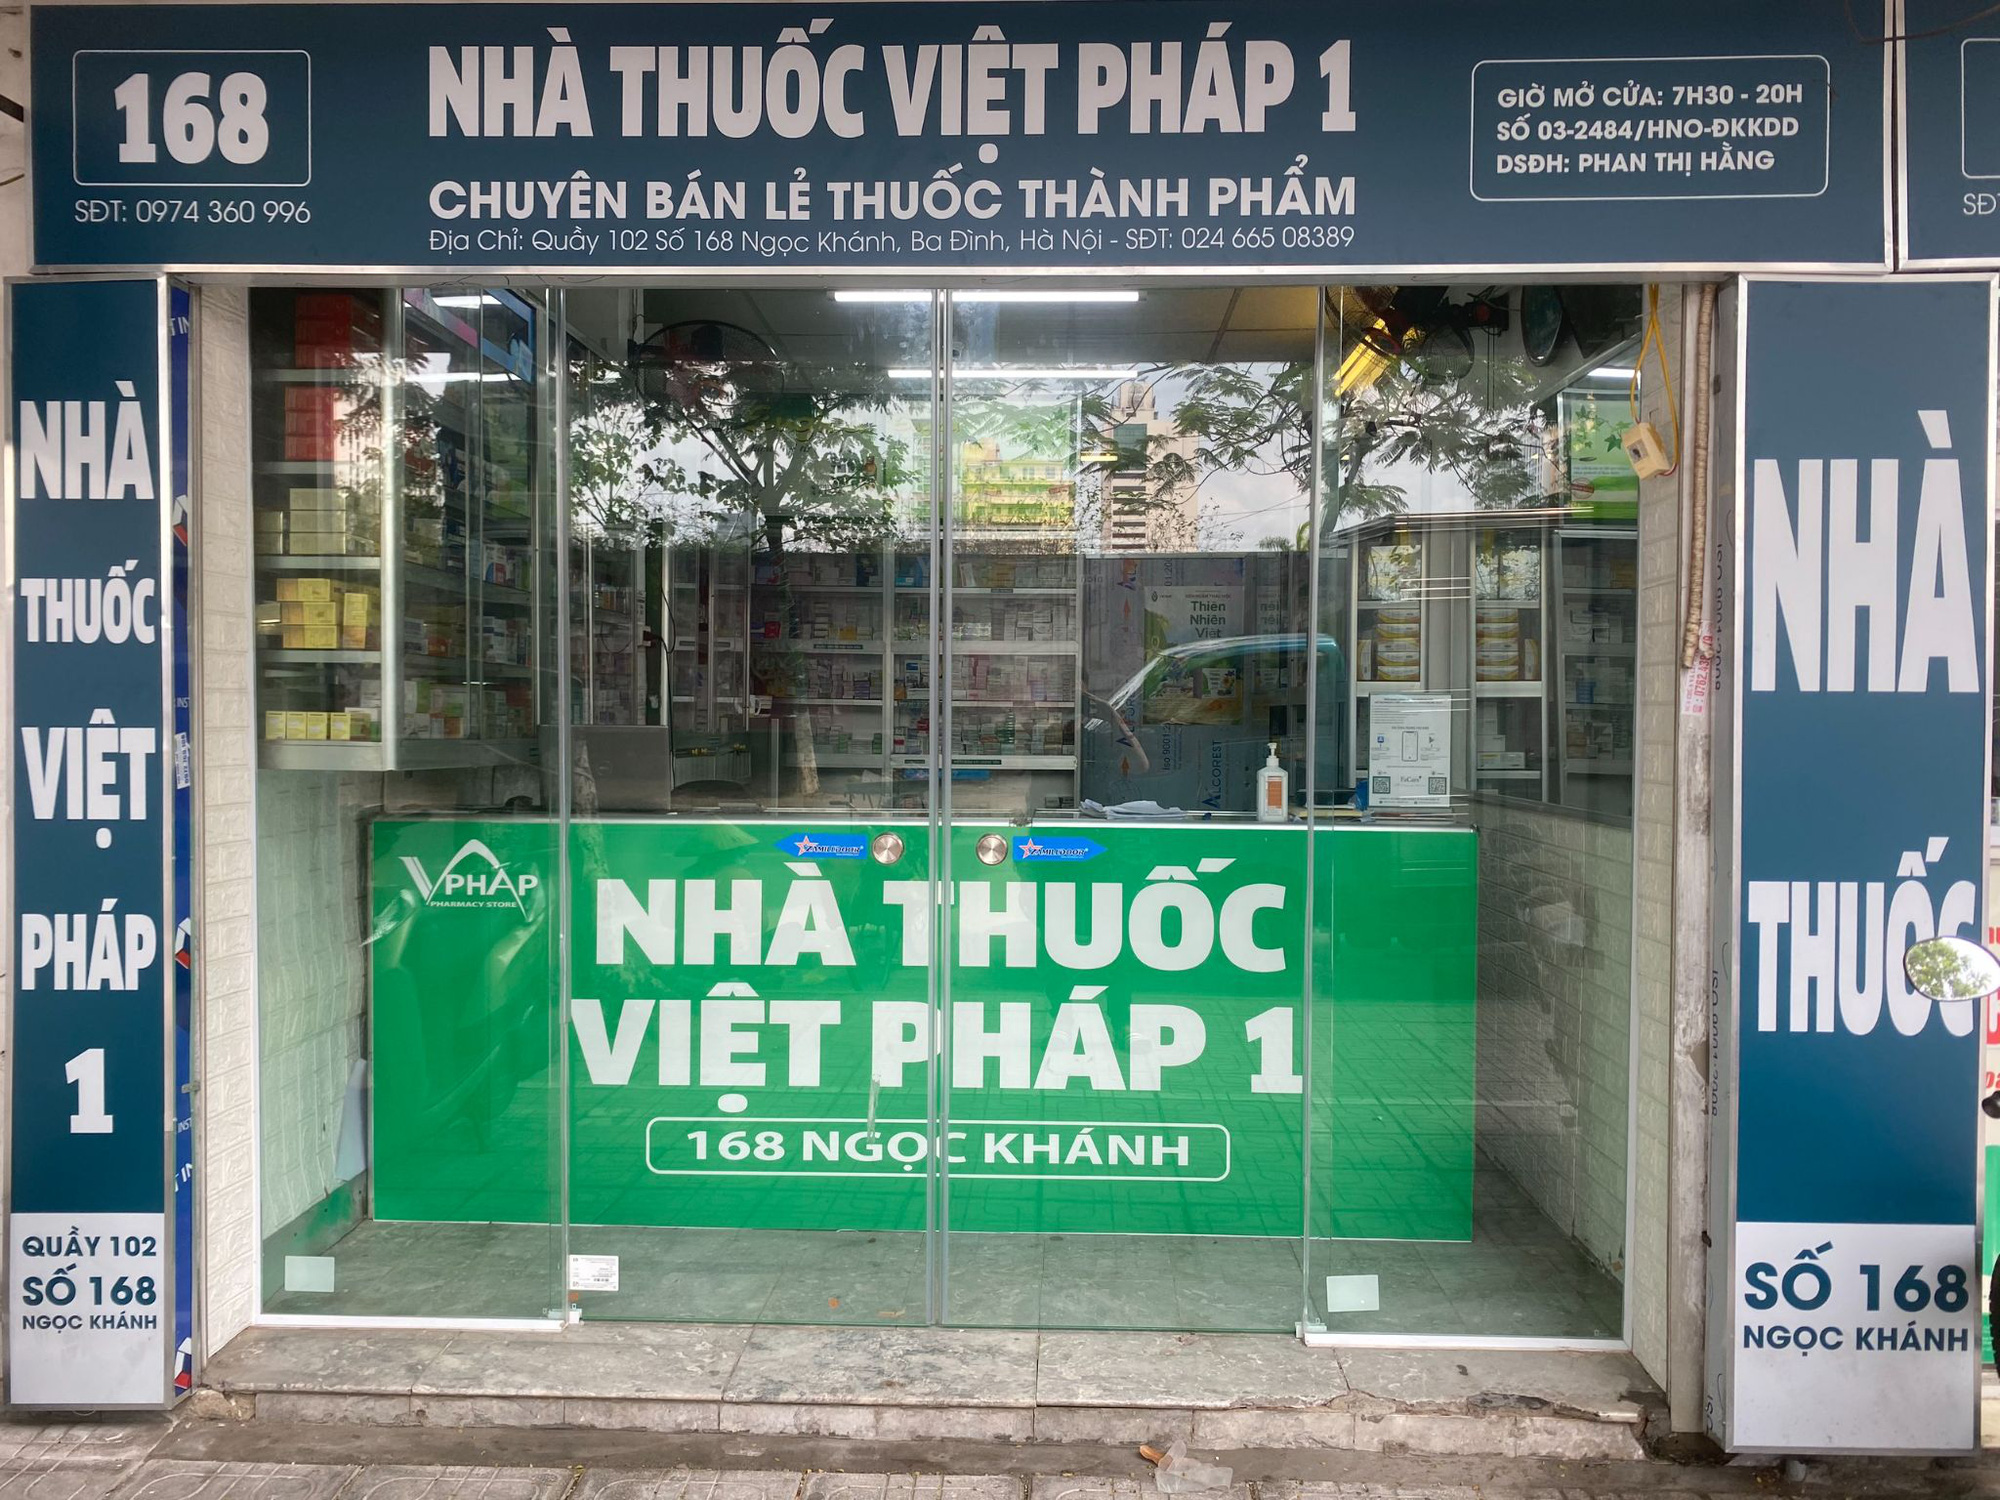 Nhà thuốc Việt Pháp 1 - Tủ thuốc gia đình của mọi nhà - Ảnh 1.